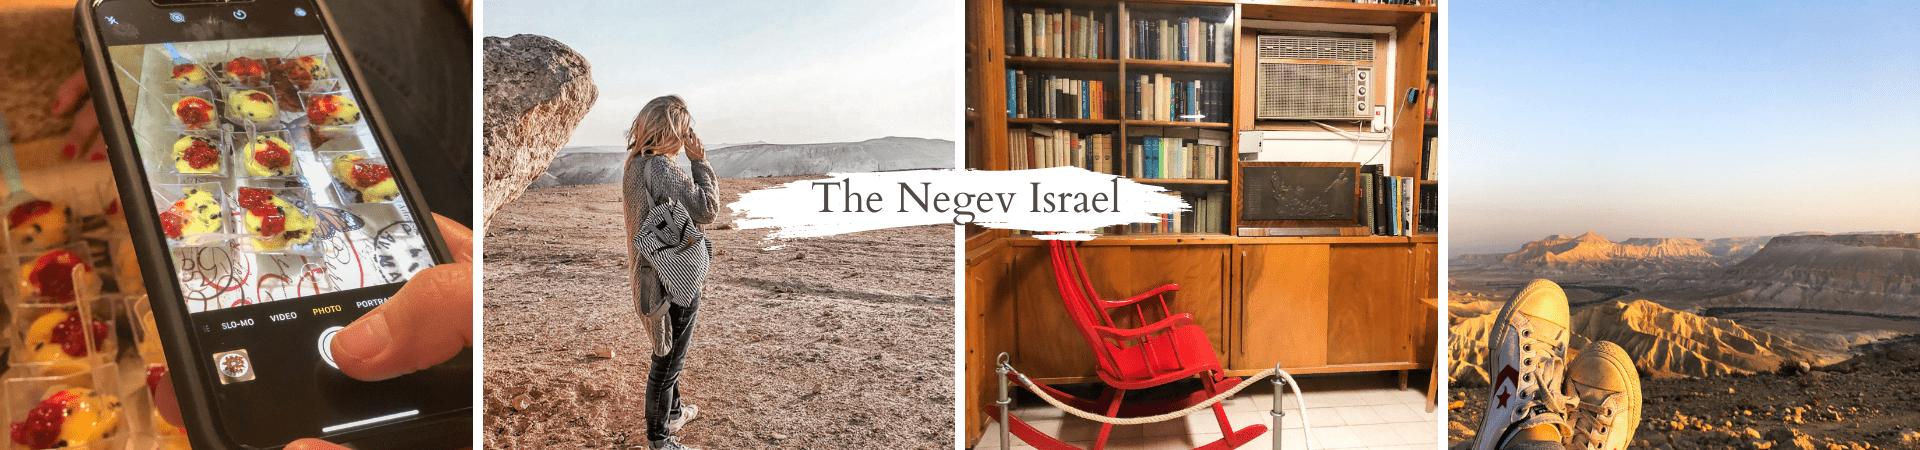 נגב ישראל על כביש 40